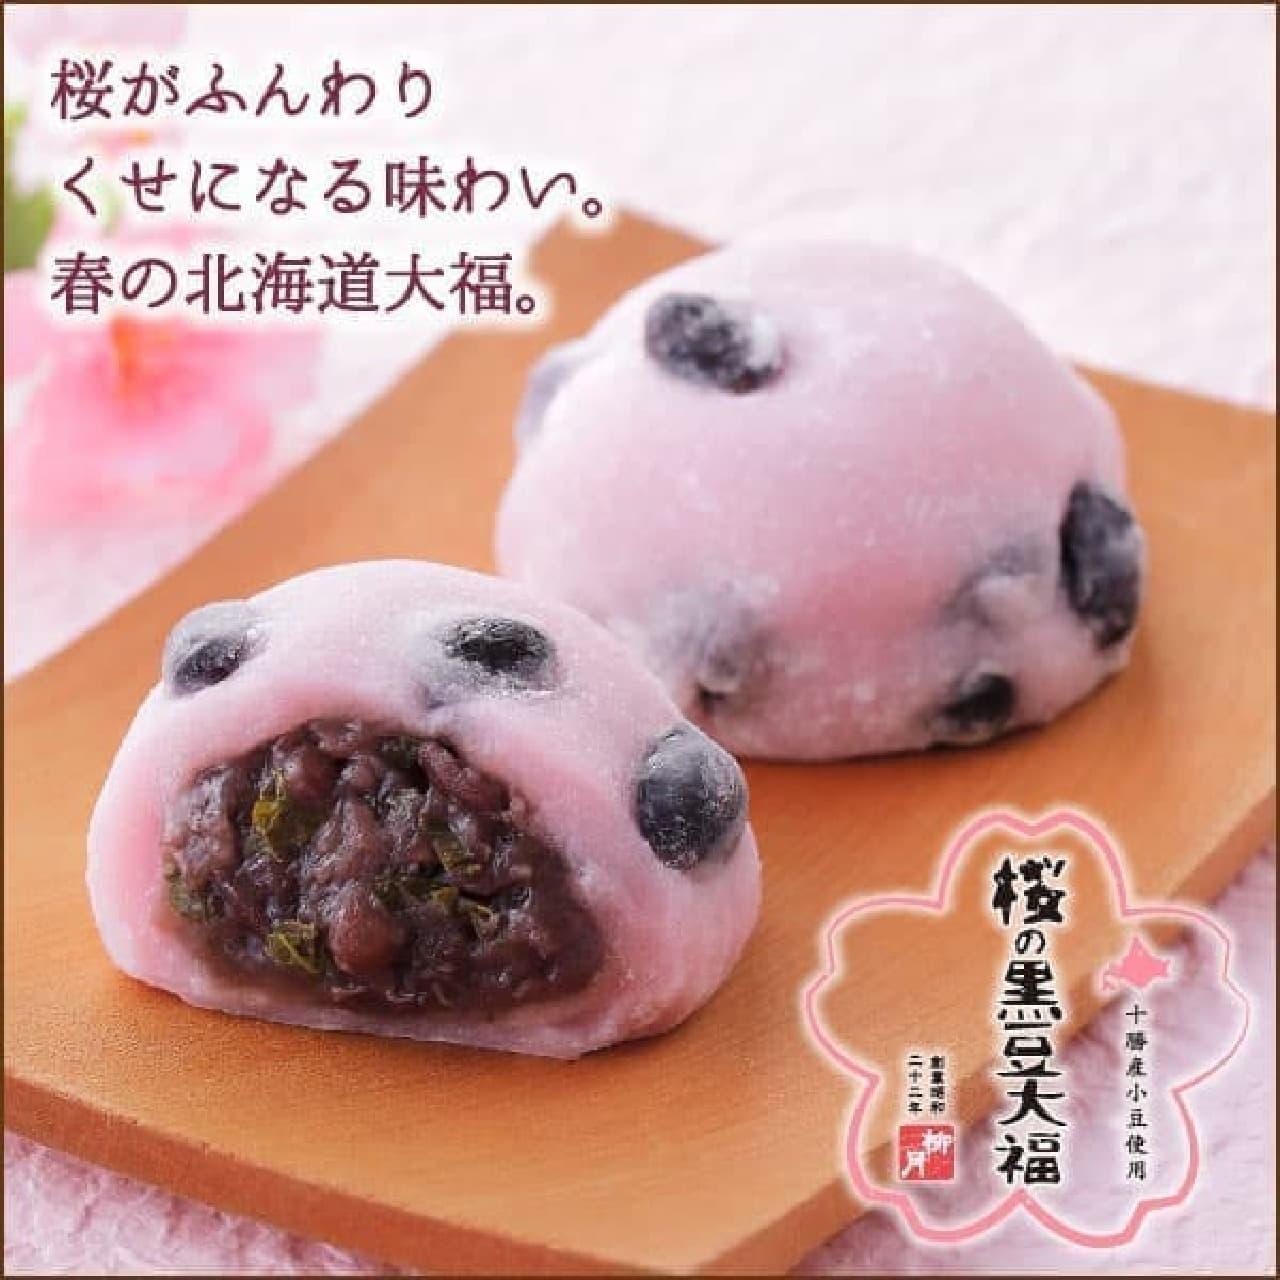 柳月「あんこ大好きセット」桜の黒豆大福